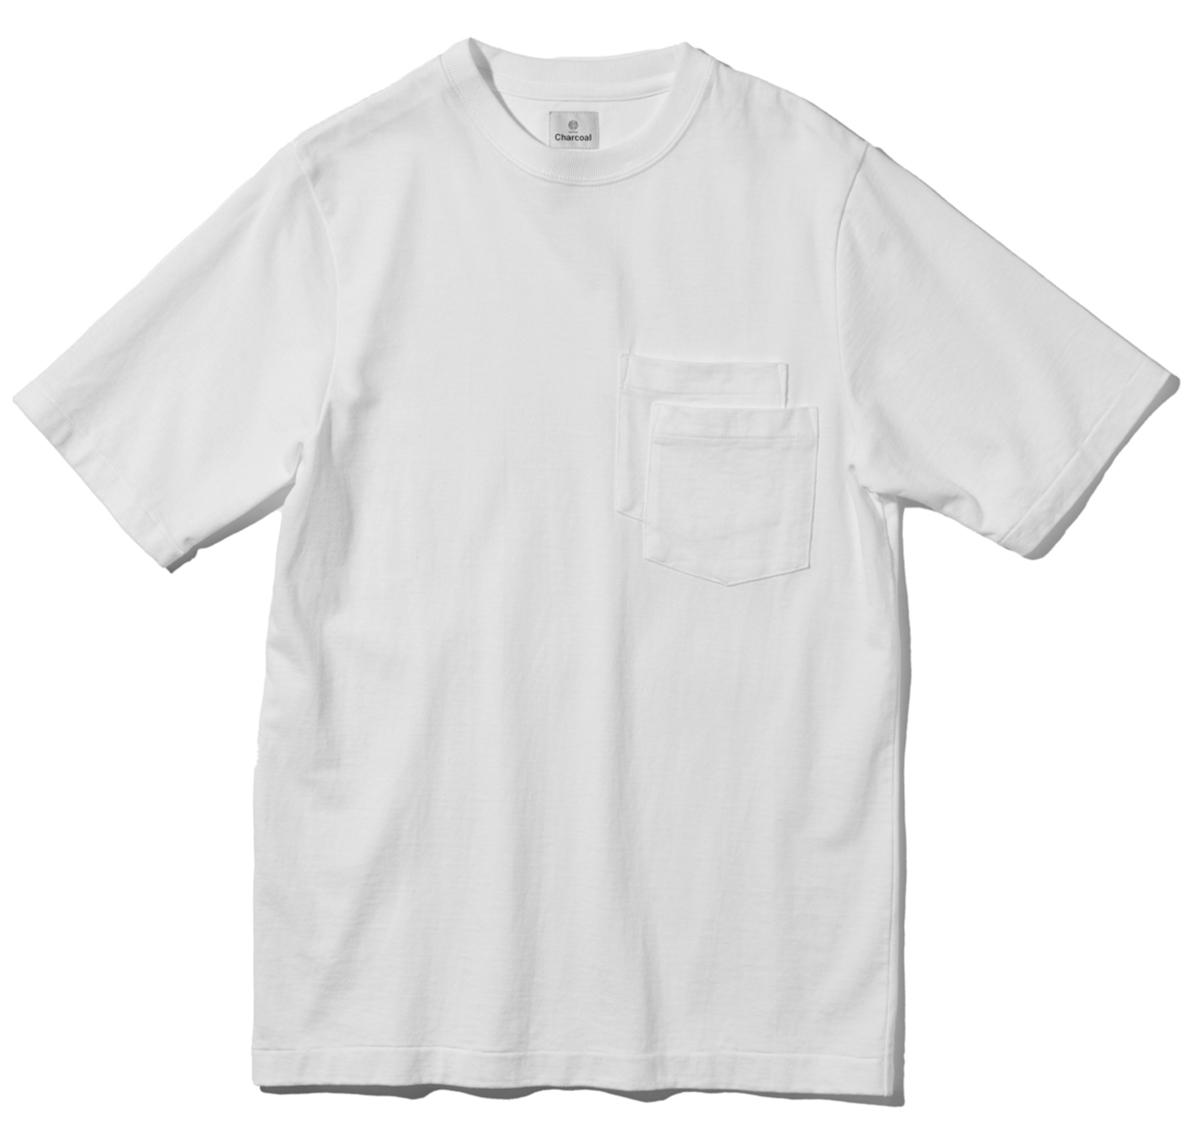 """どこが違う?""""お洒落度高め""""の白Tシャツ5選!"""